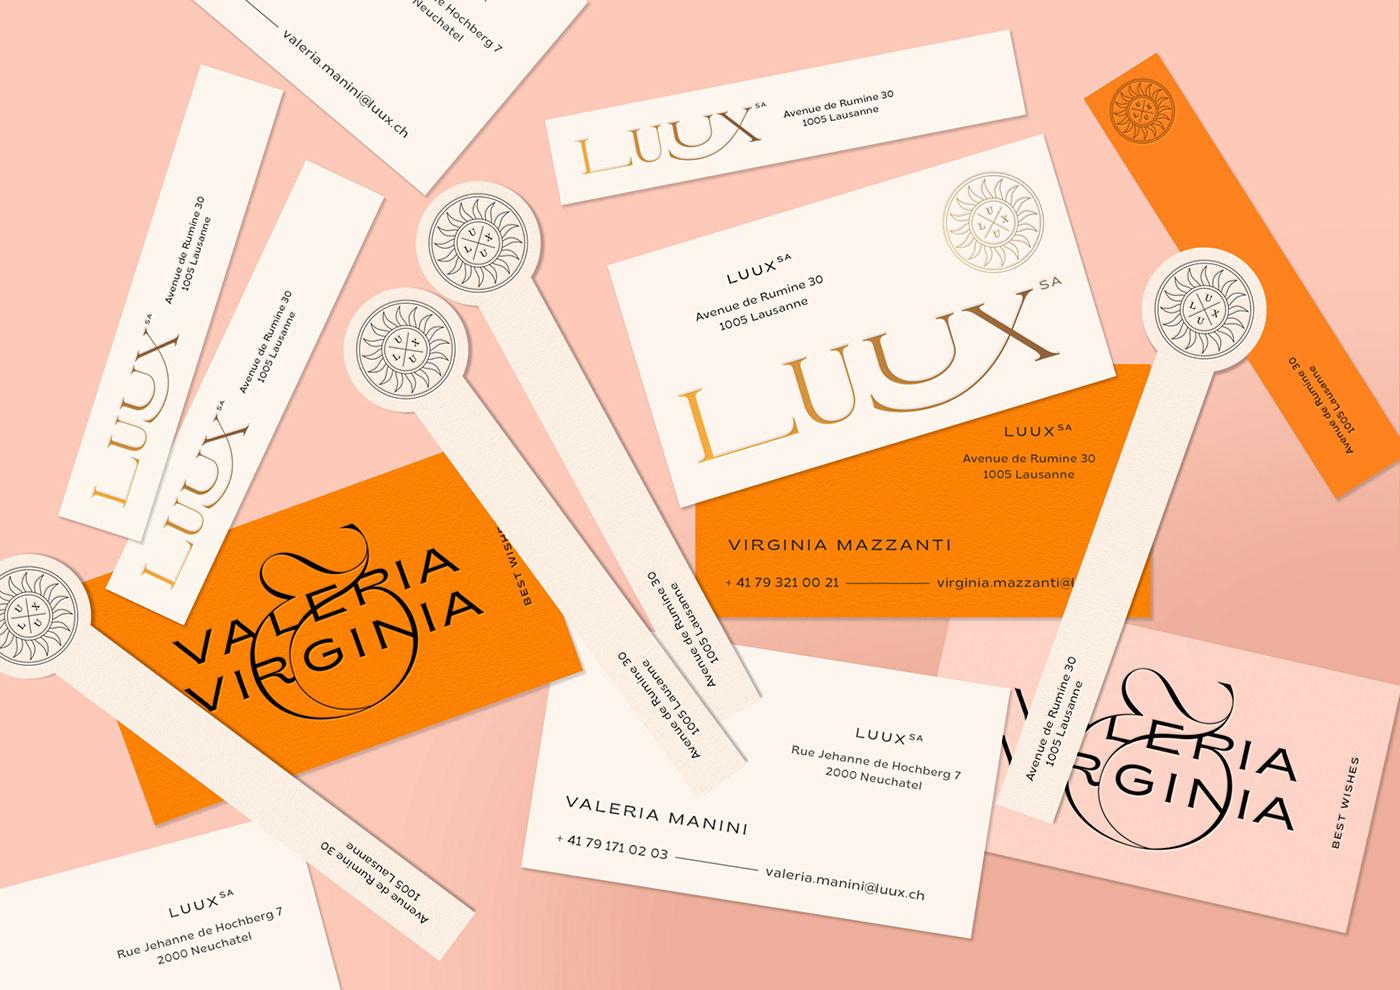 brand branding  elegant Fragrance identity logo Logotype luxury perfume typography